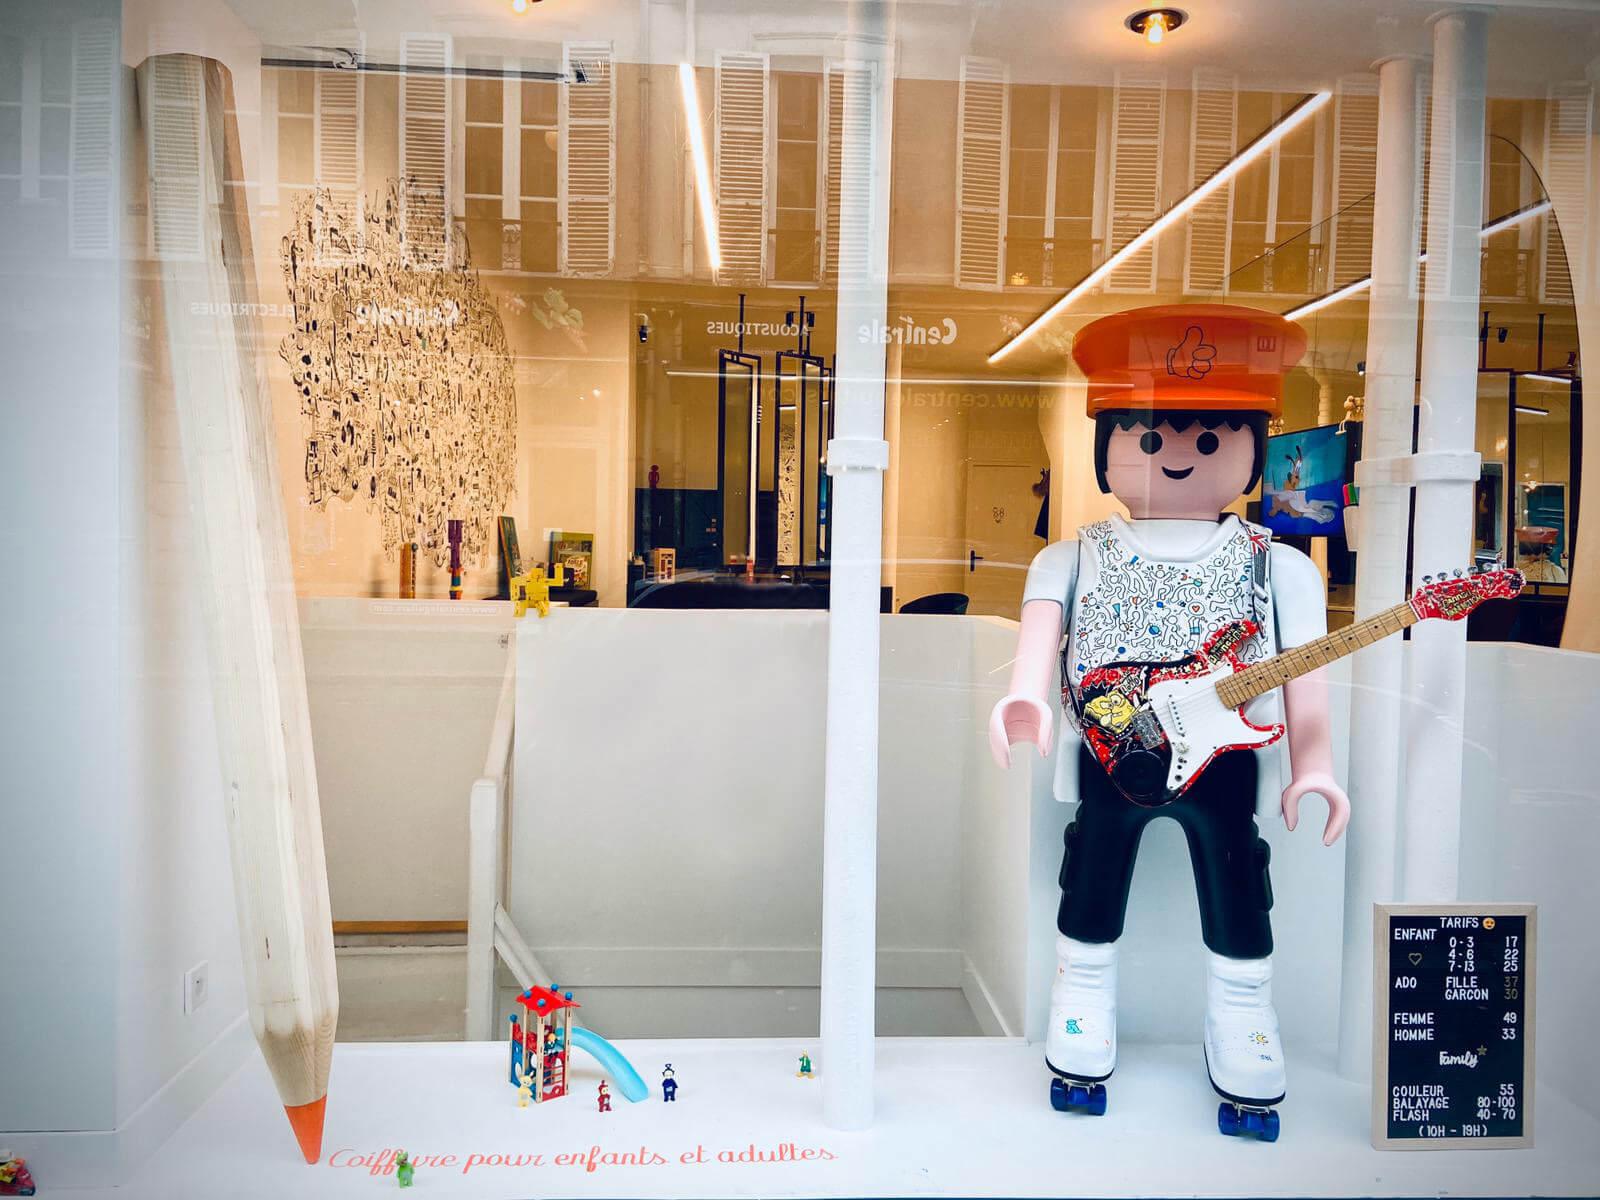 vitrine du salon de coiffure pouce avec playmobil géant